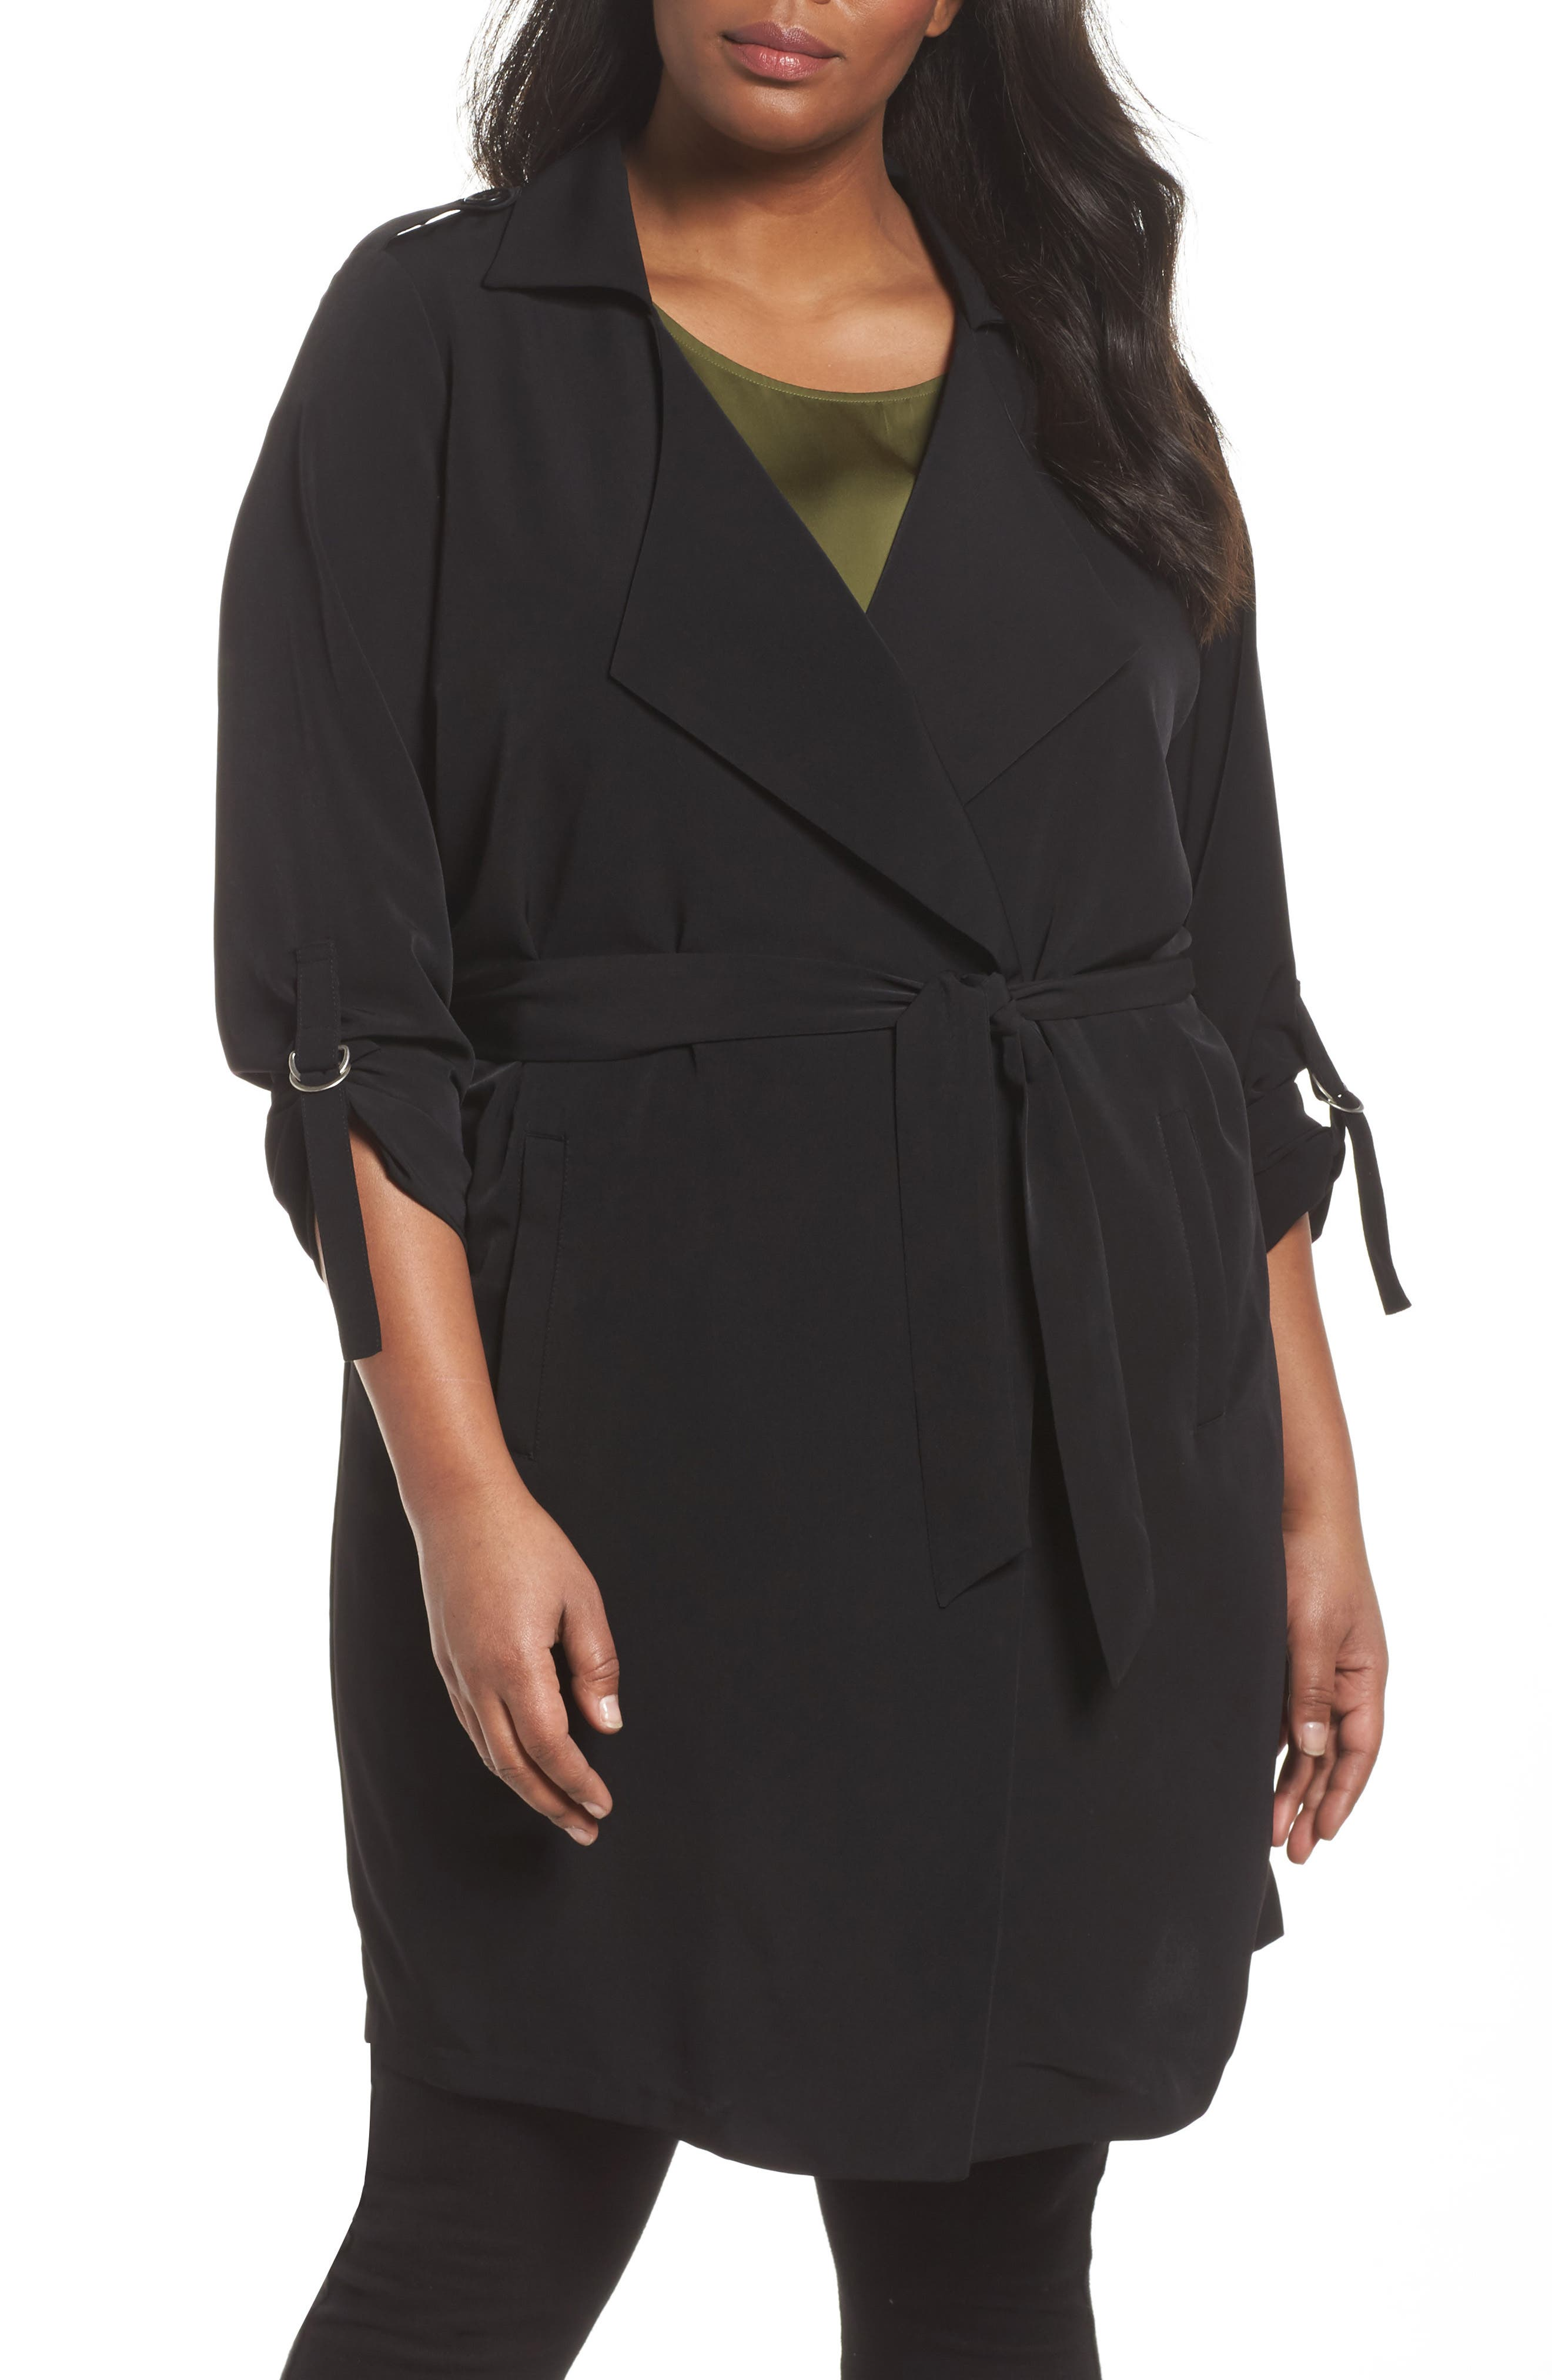 Kaiza Trench Coat,                         Main,                         color, Black Beauty